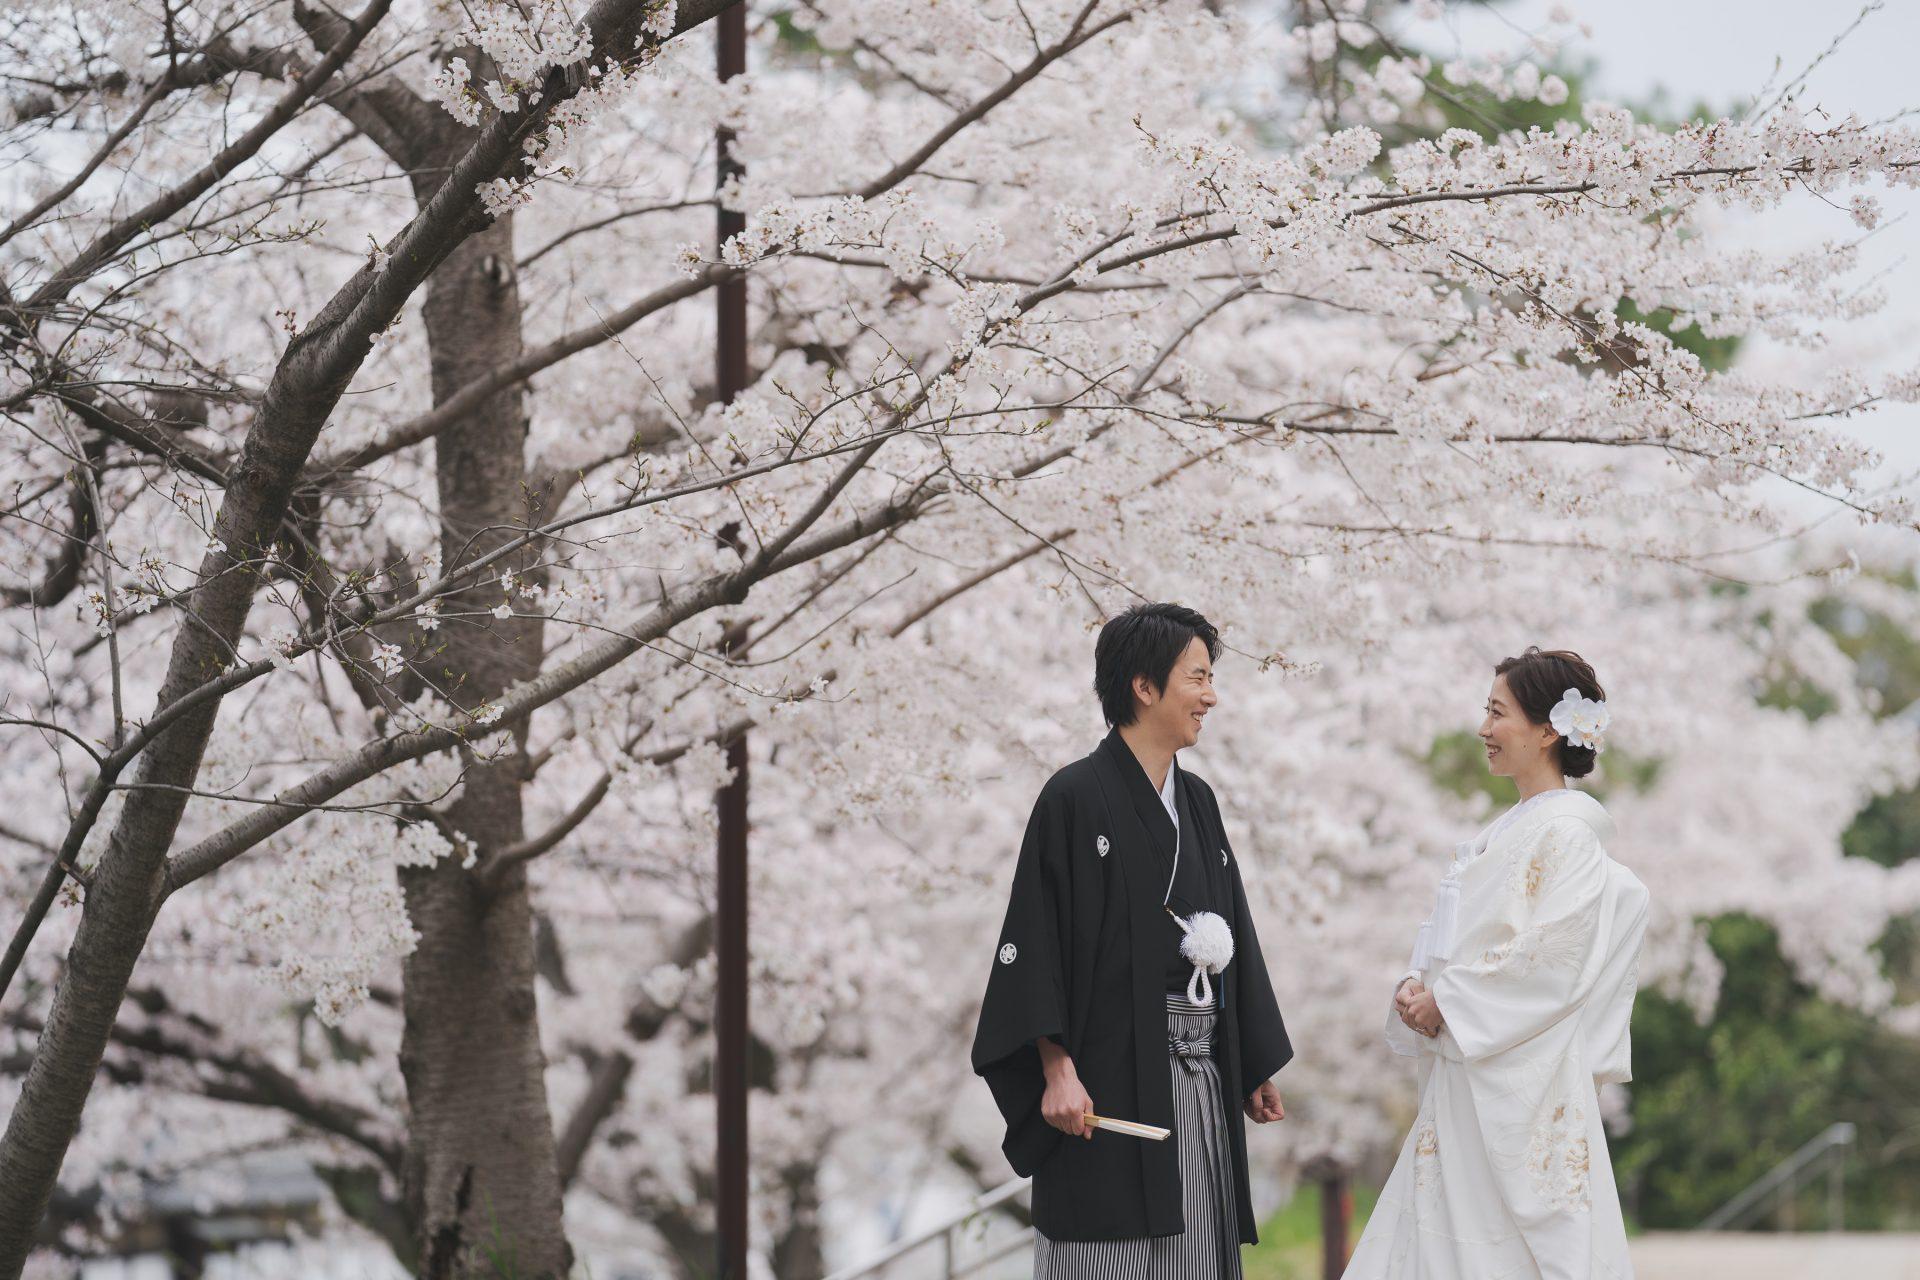 京都の桜のシーズンで撮影されたザトリートドレッシングの白無垢と黒羽二重を着用された前撮り